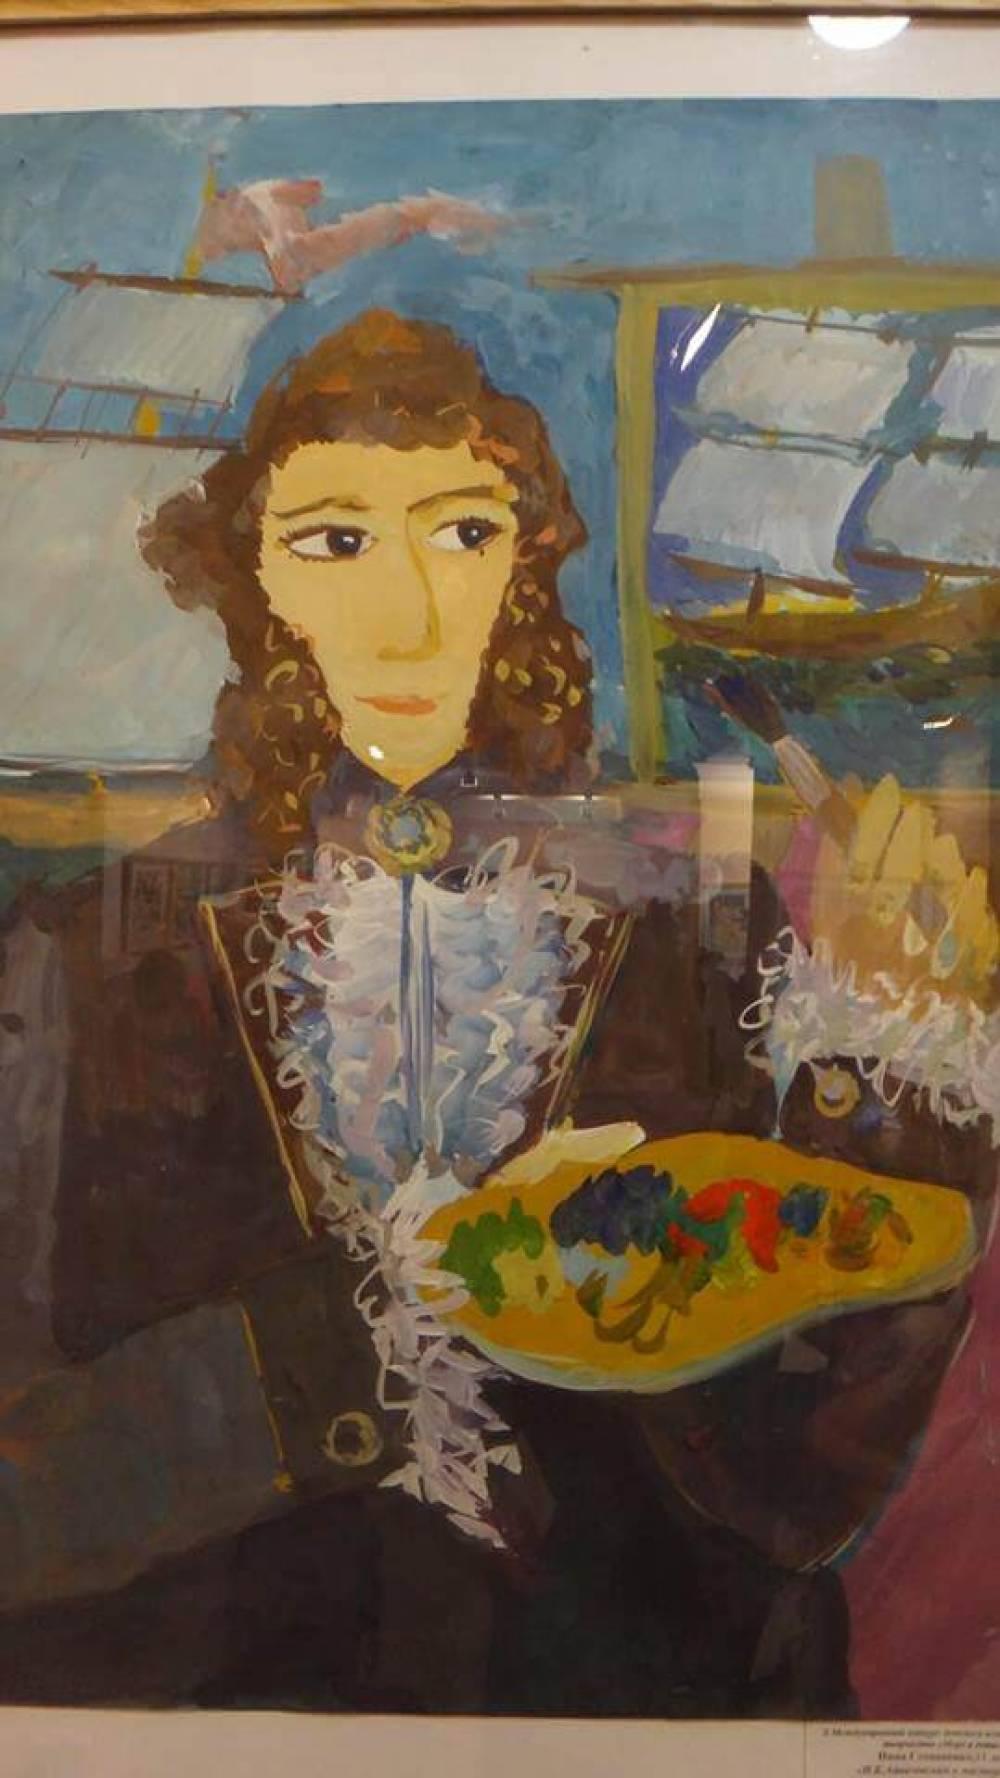 Более сотни юных художников со всей России съехались на открытие выставки «Море и дети» в Феодосии